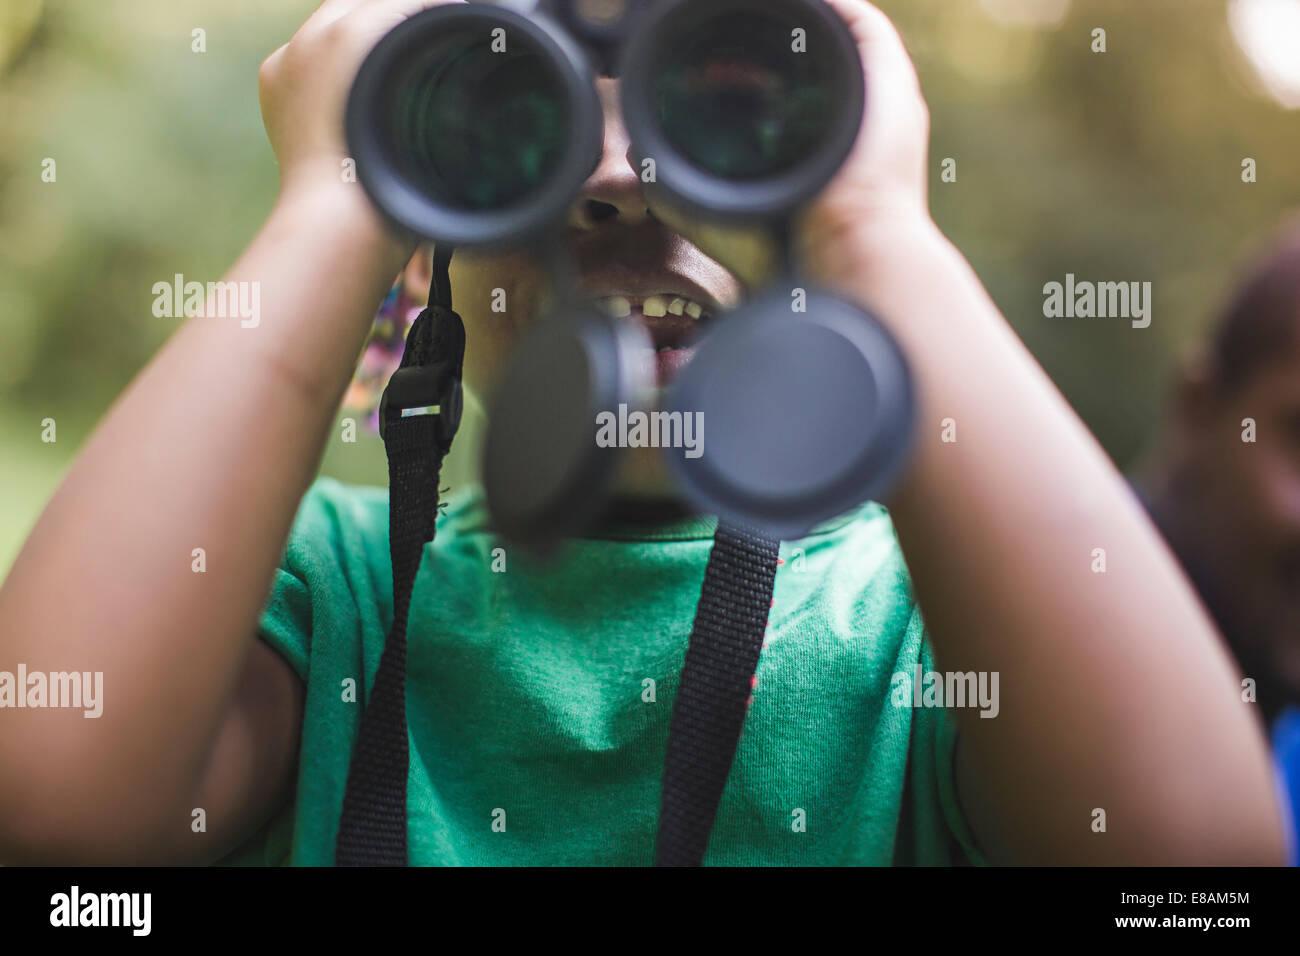 Cerca de niña mirando a través de binoculares en bosque campamento ecológico Imagen De Stock